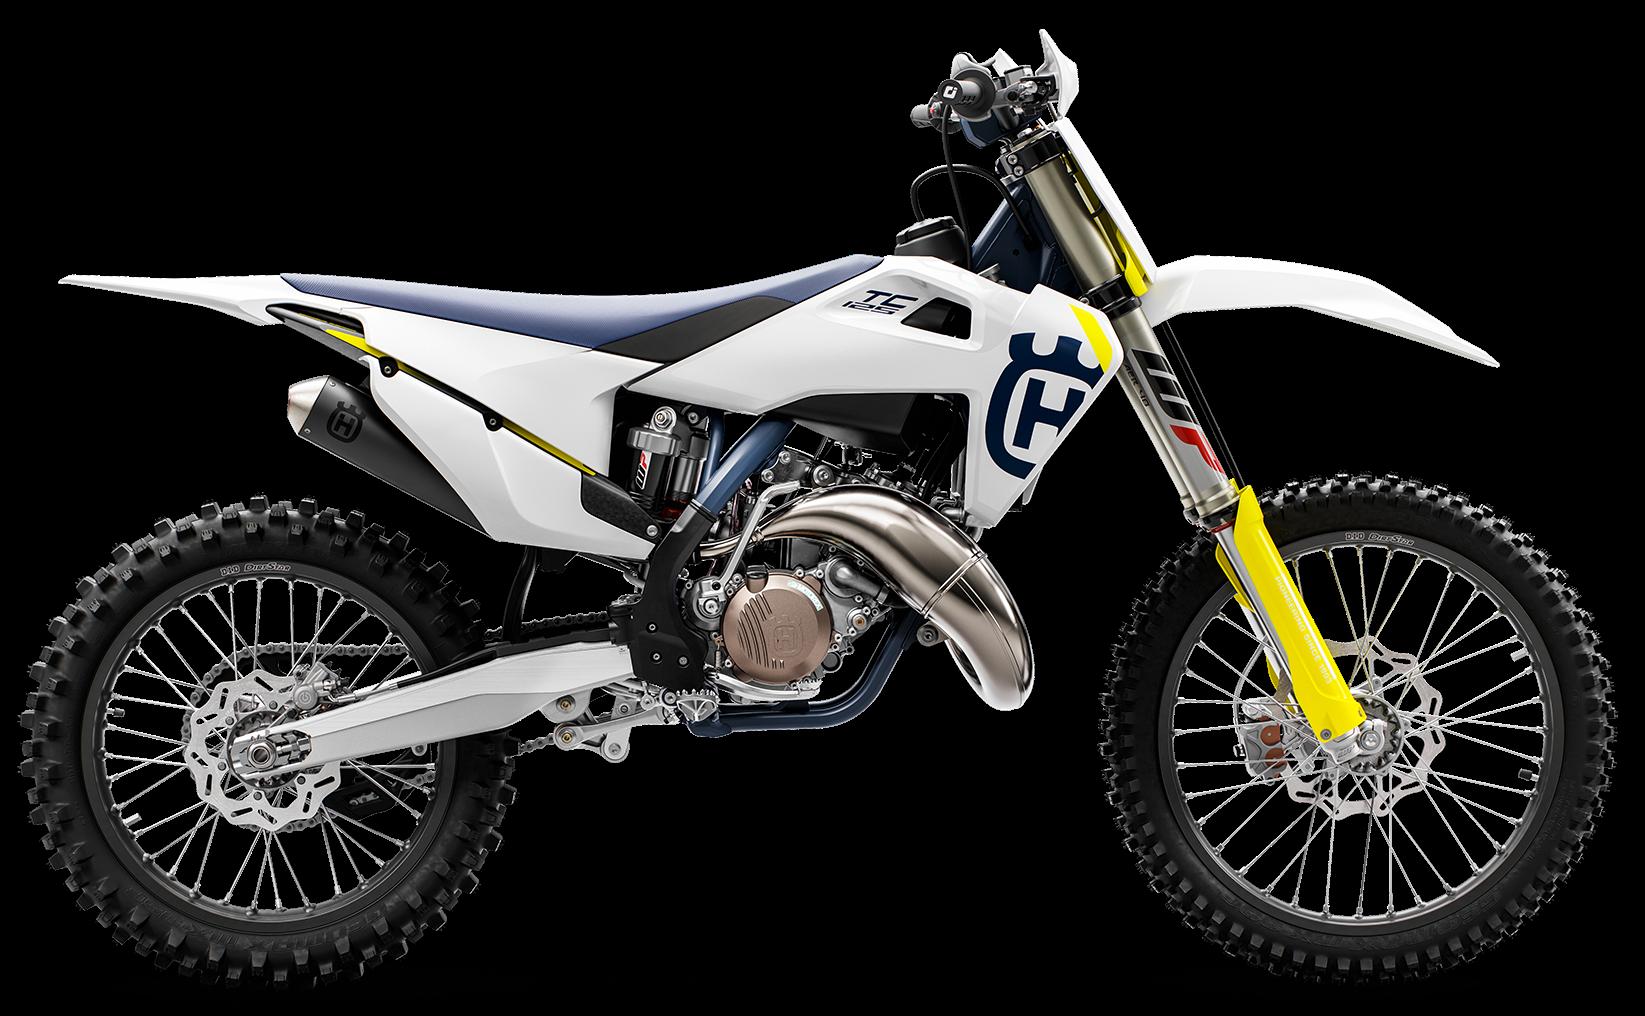 2014 Husqvarna TC 125 - Moto.ZombDrive.COM